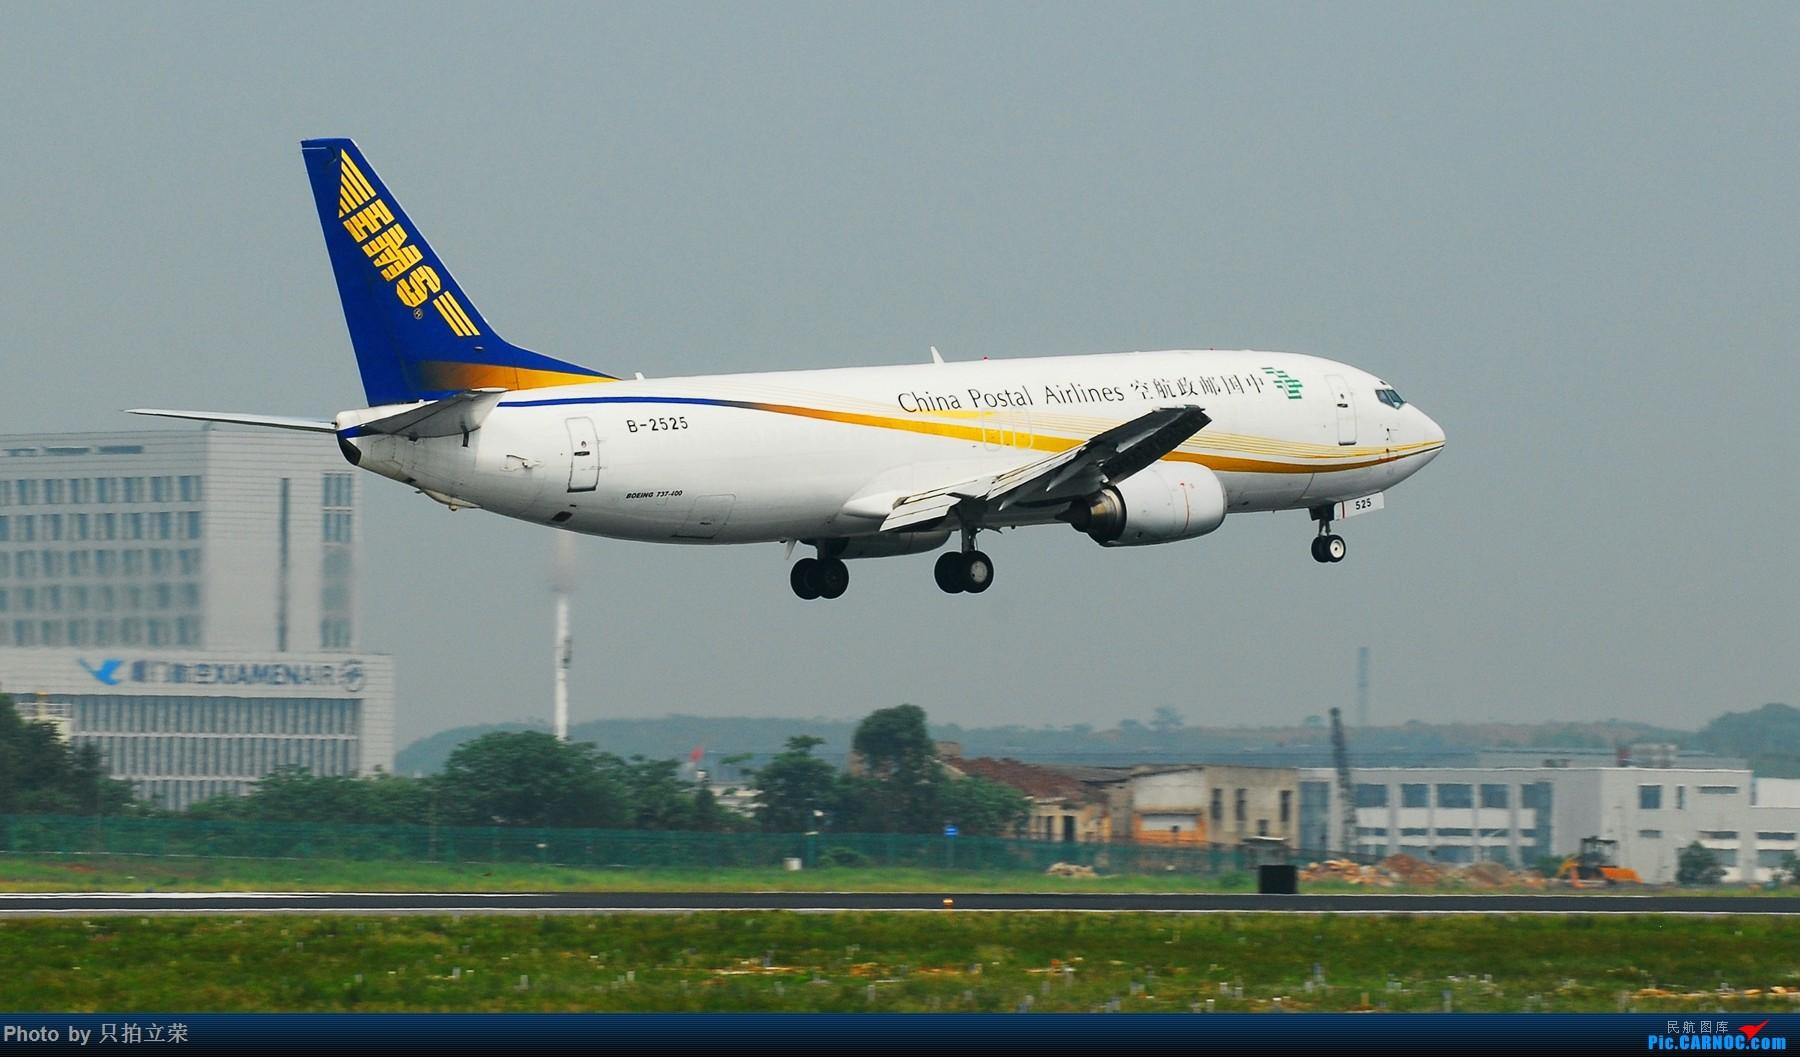 Re:[原创]几个月没拍机,黄花机场走一圈。长沙也有好货啊! BOEING 737-400 B-2525 中国长沙黄花国际机场